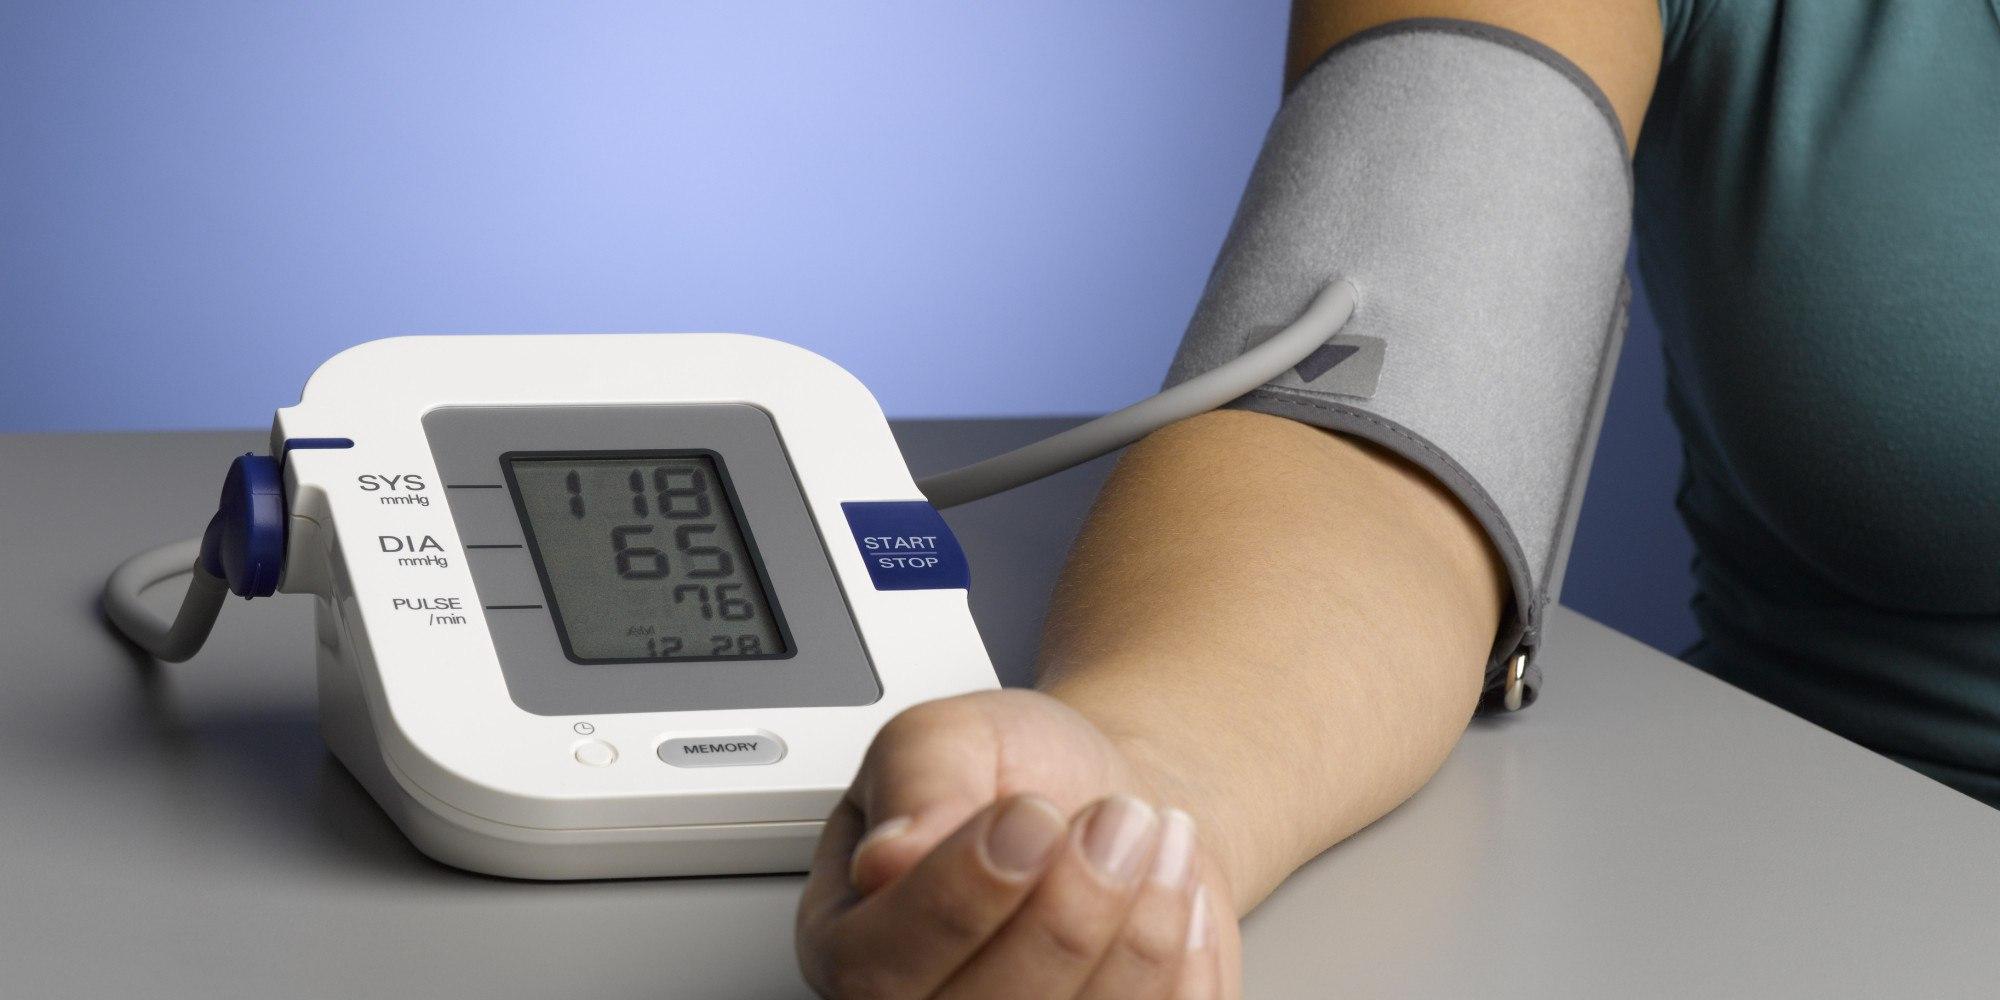 Монитор измерения артериального давления